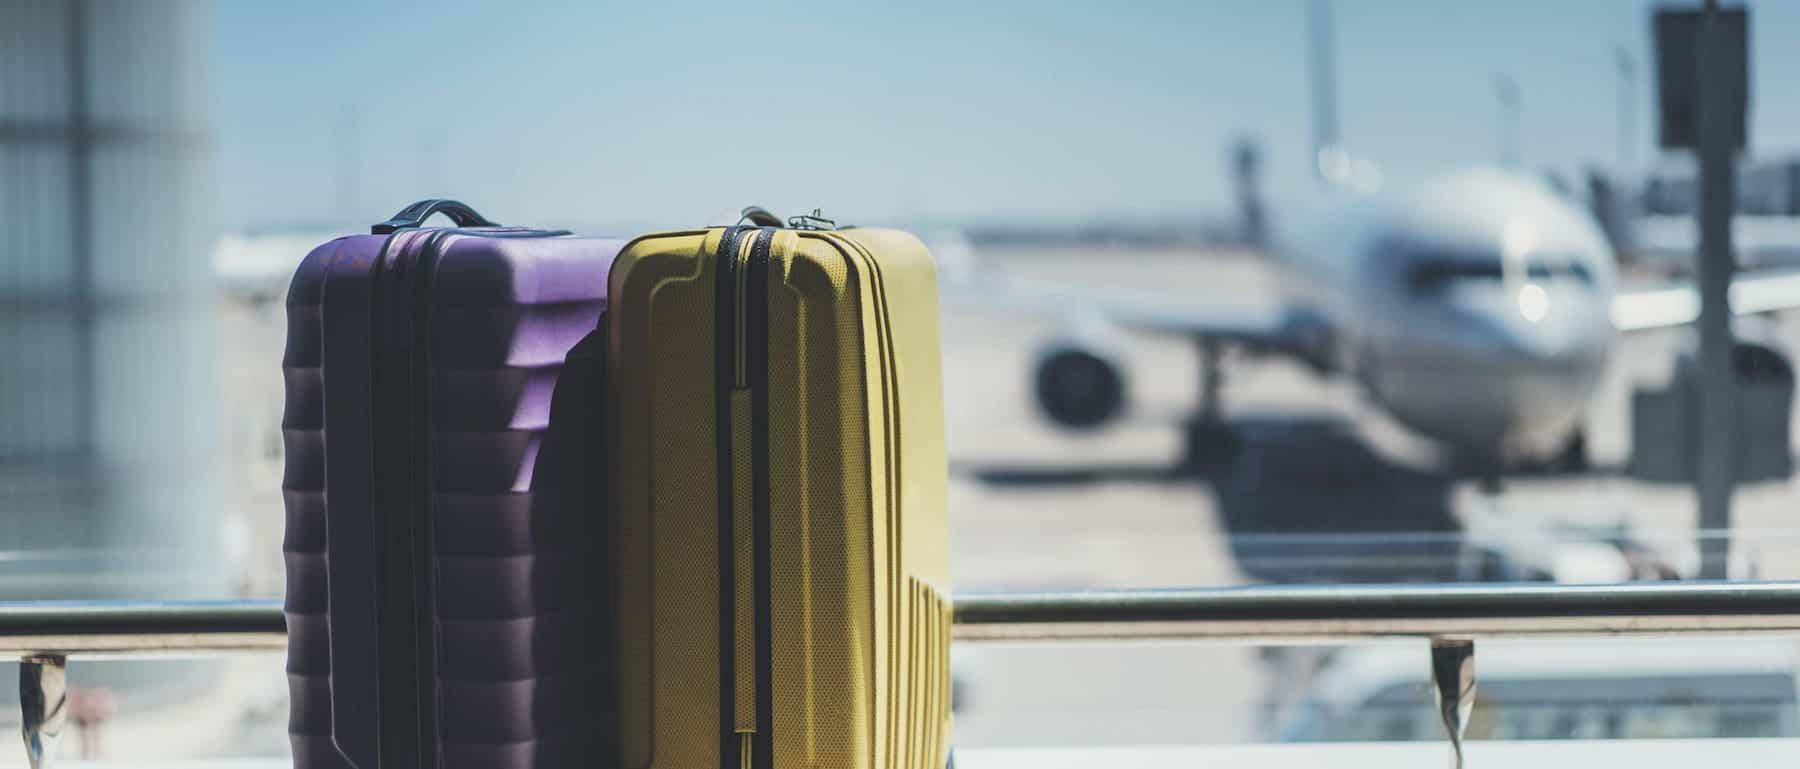 Schadensersatz bei Gepäckverlust, Gepäckverspätung und Gepäckbeschädigung